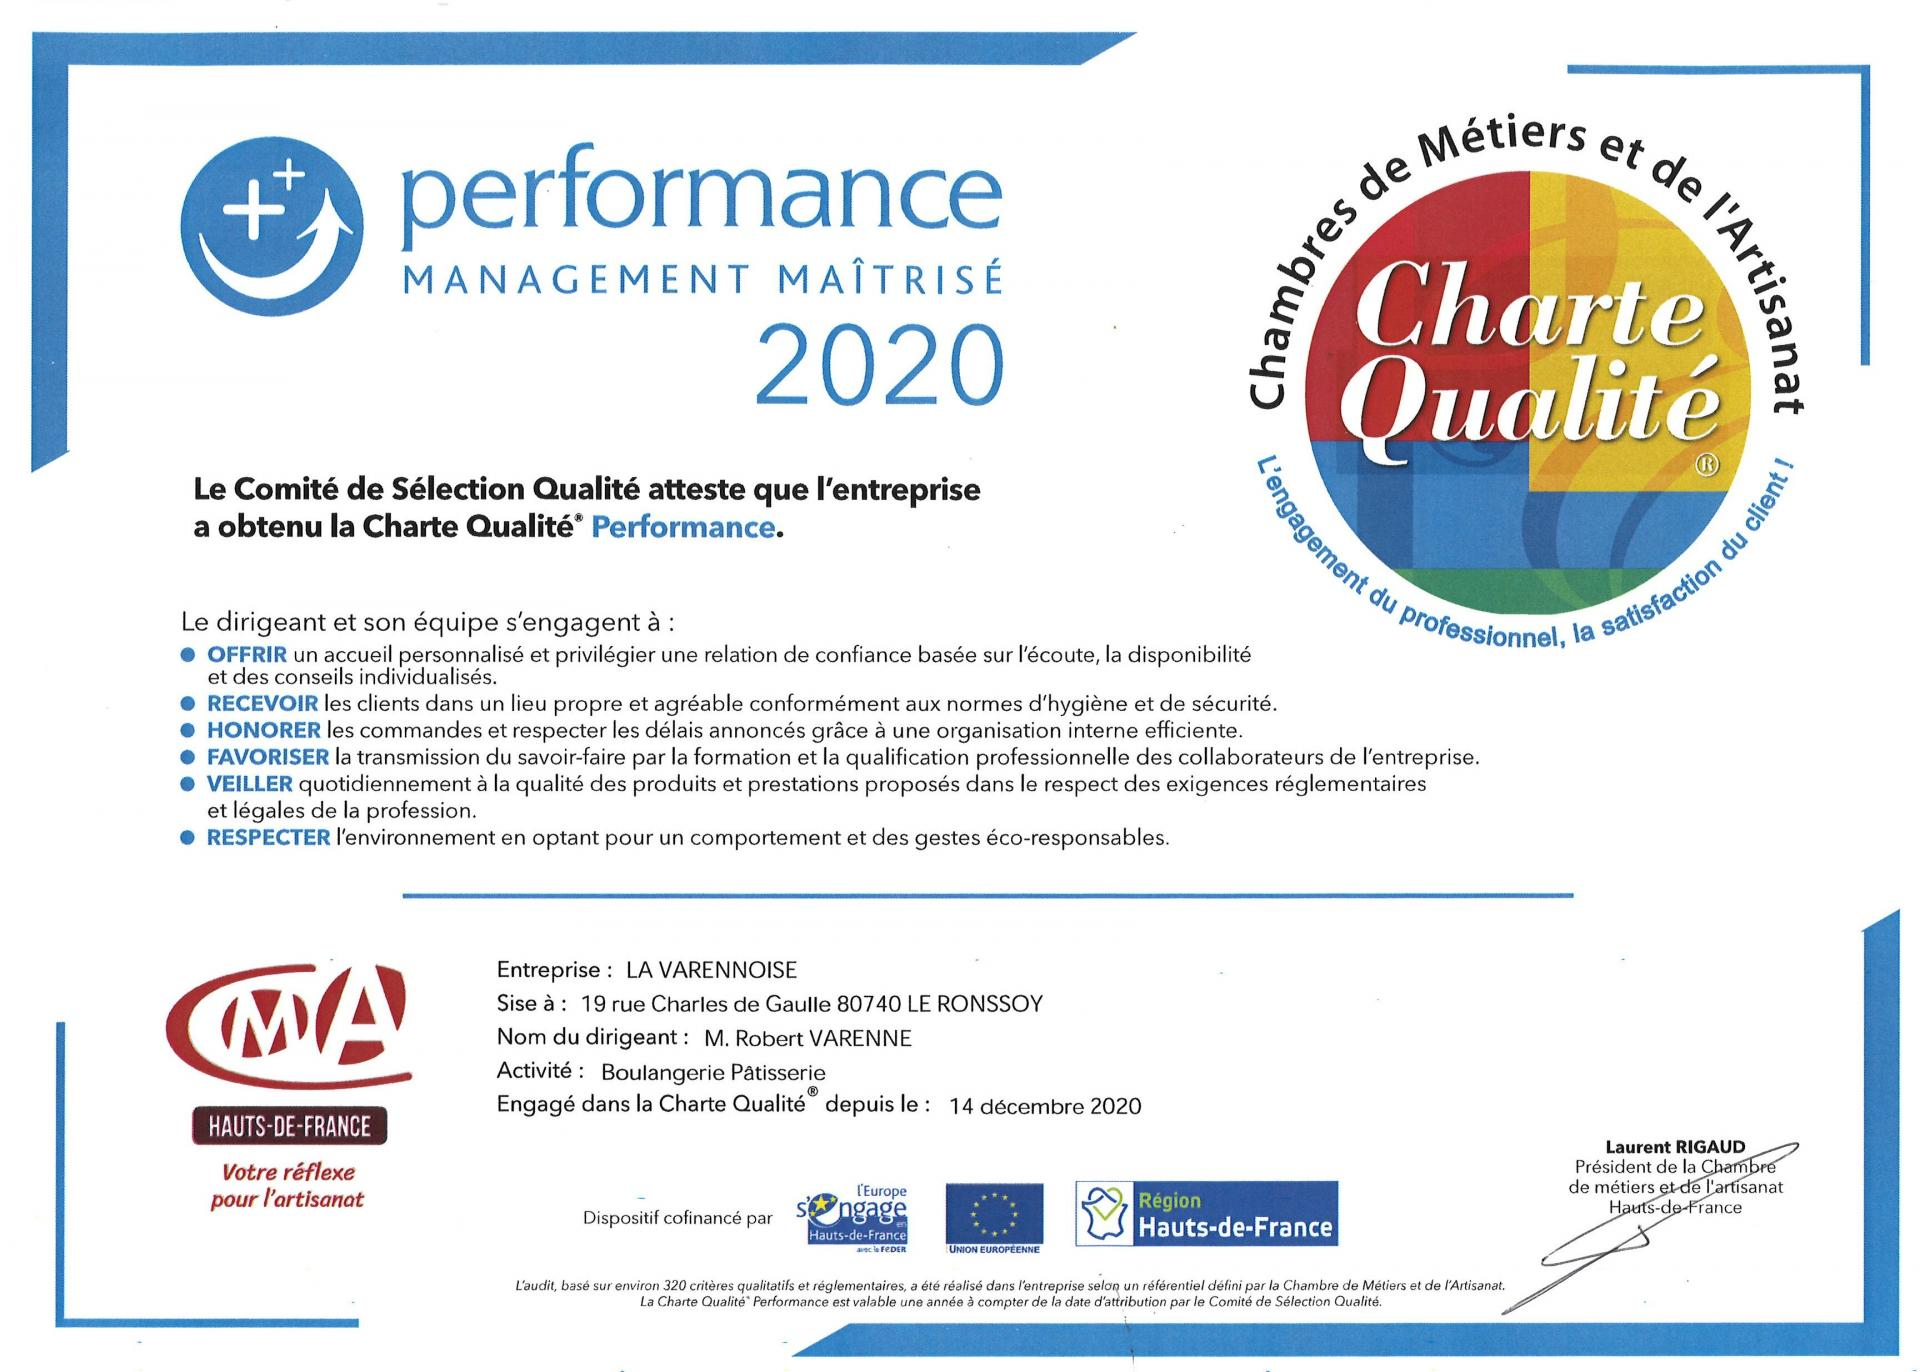 Charte Qualité 2020